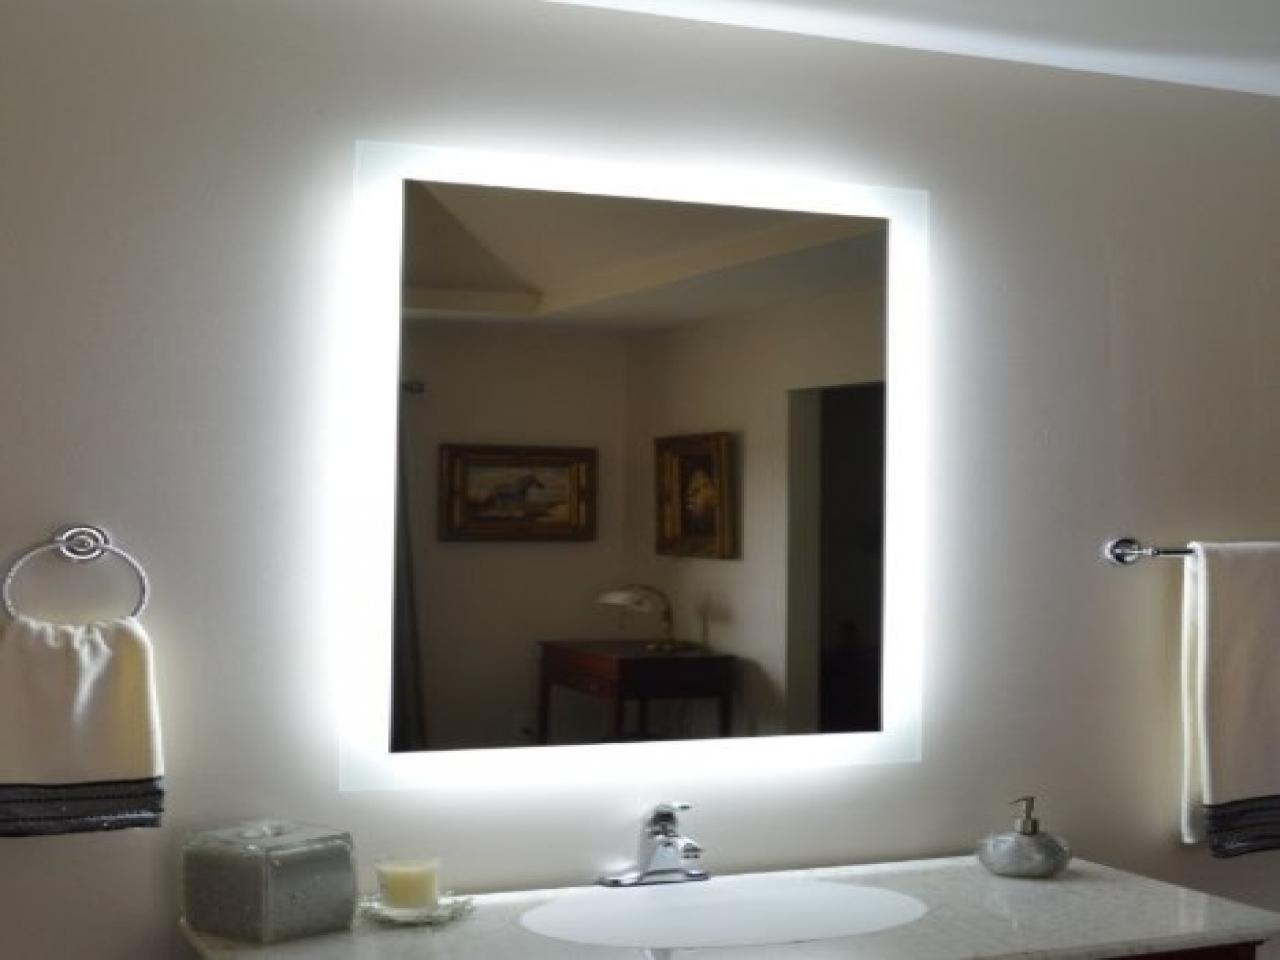 Bathrooms Design : Led Strip Lights For Bathroom Mirrors Home In Led Strip Lights For Bathroom Mirrors (Image 8 of 20)